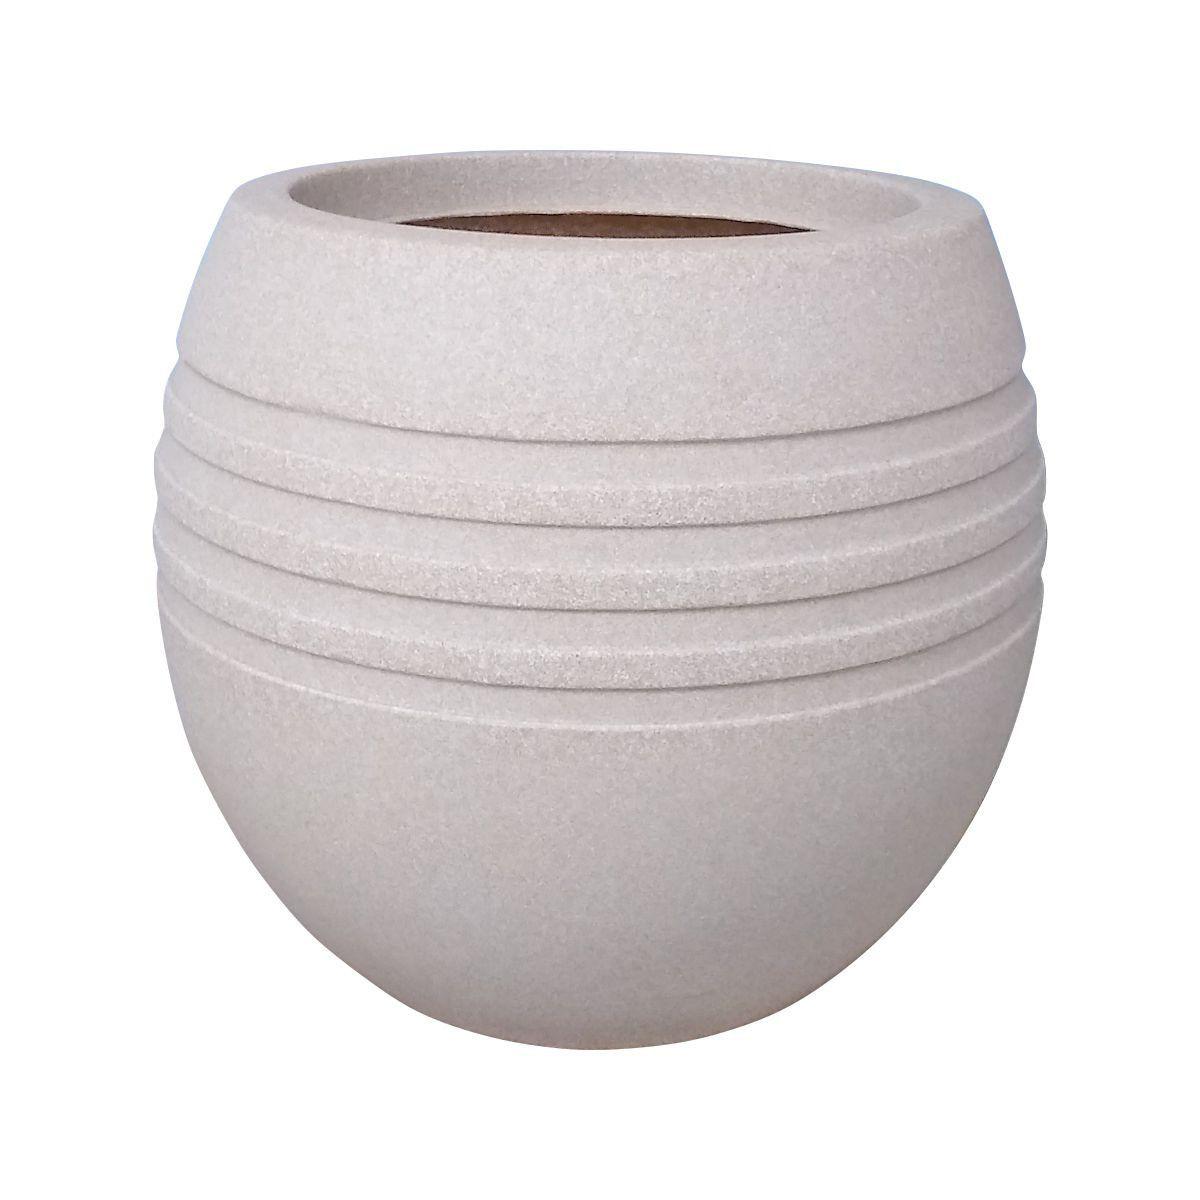 Vaso Oval Jateado Vogue cor Calcário 26,5cm x 24cm - OVPM-CA